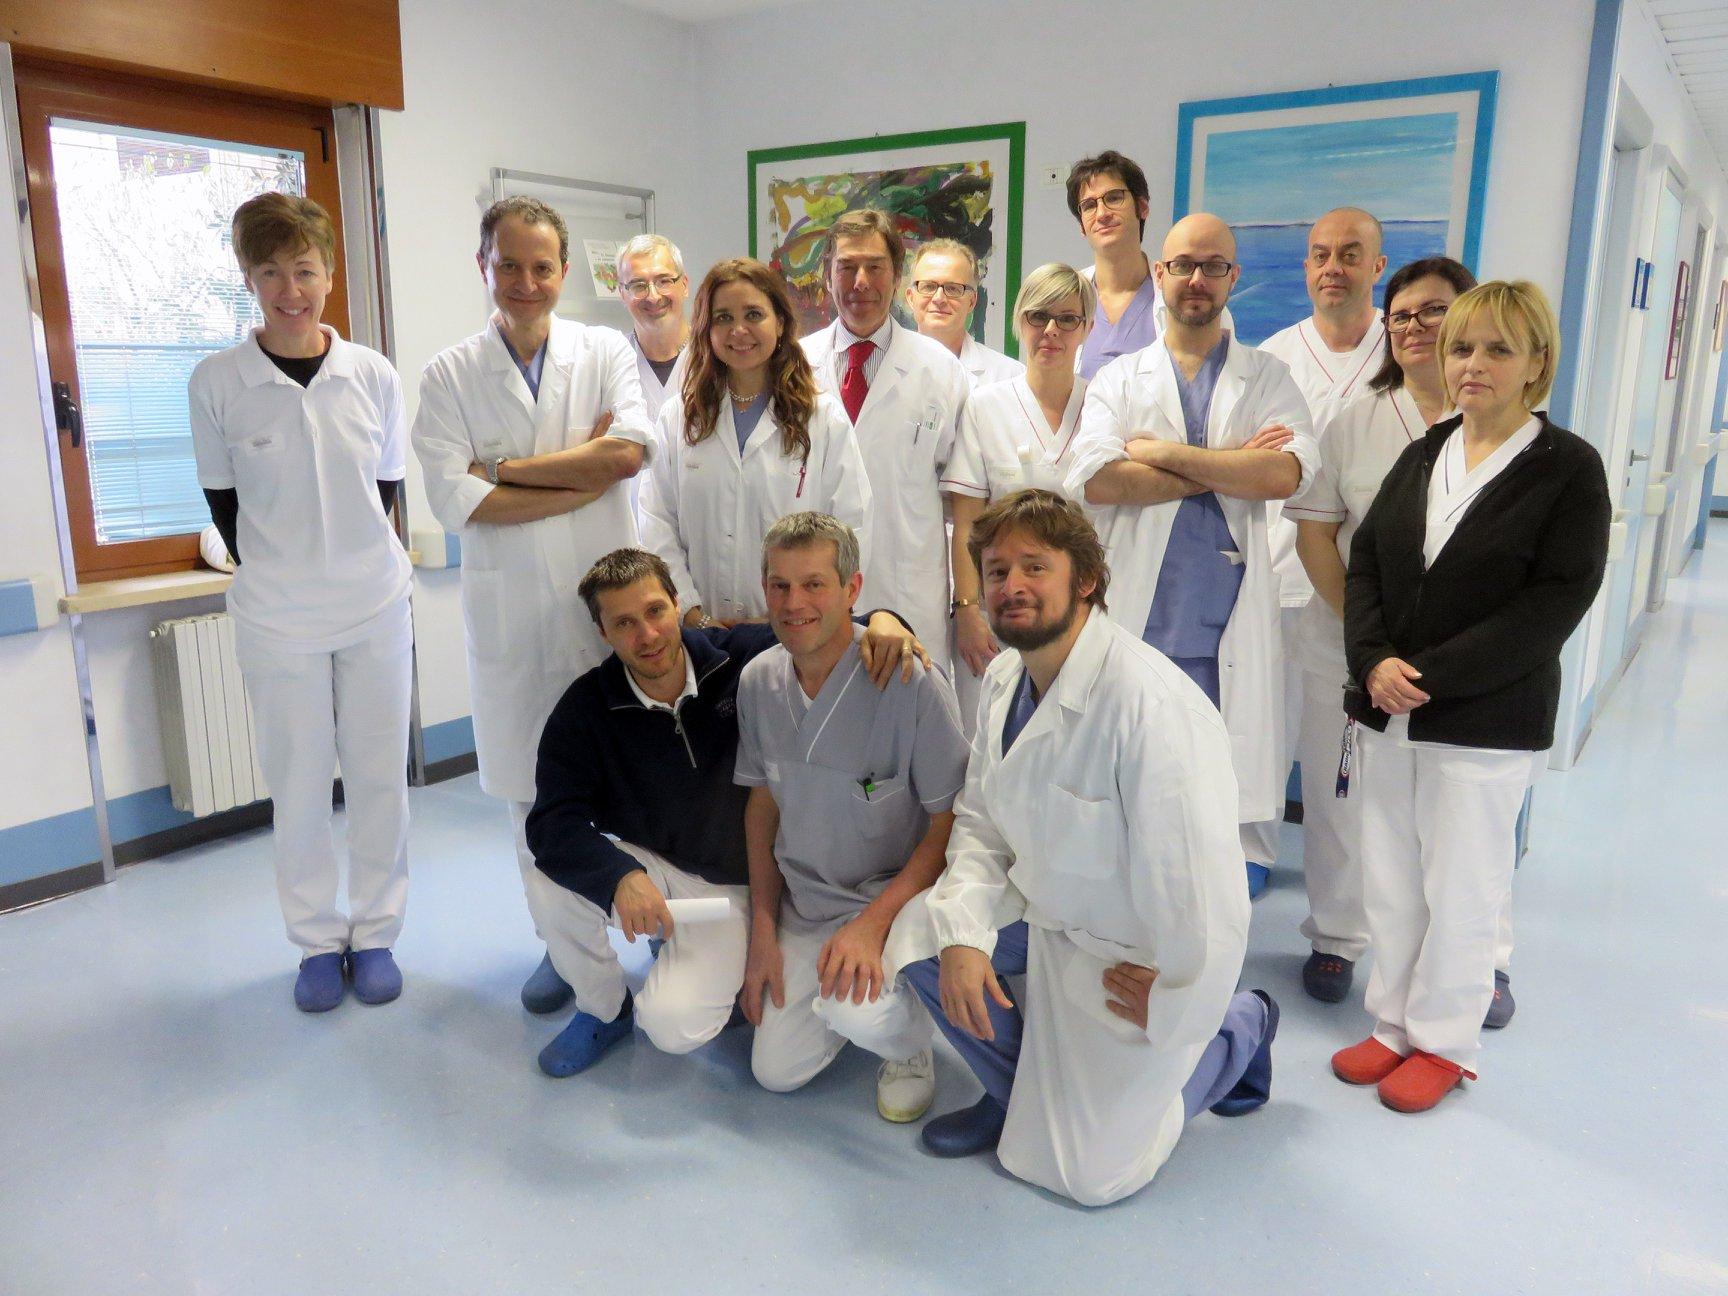 https://www.sacrocuore.it/lorl-a-servizio-dei-pazienti-con-un-numero-telefonico-dedicato/